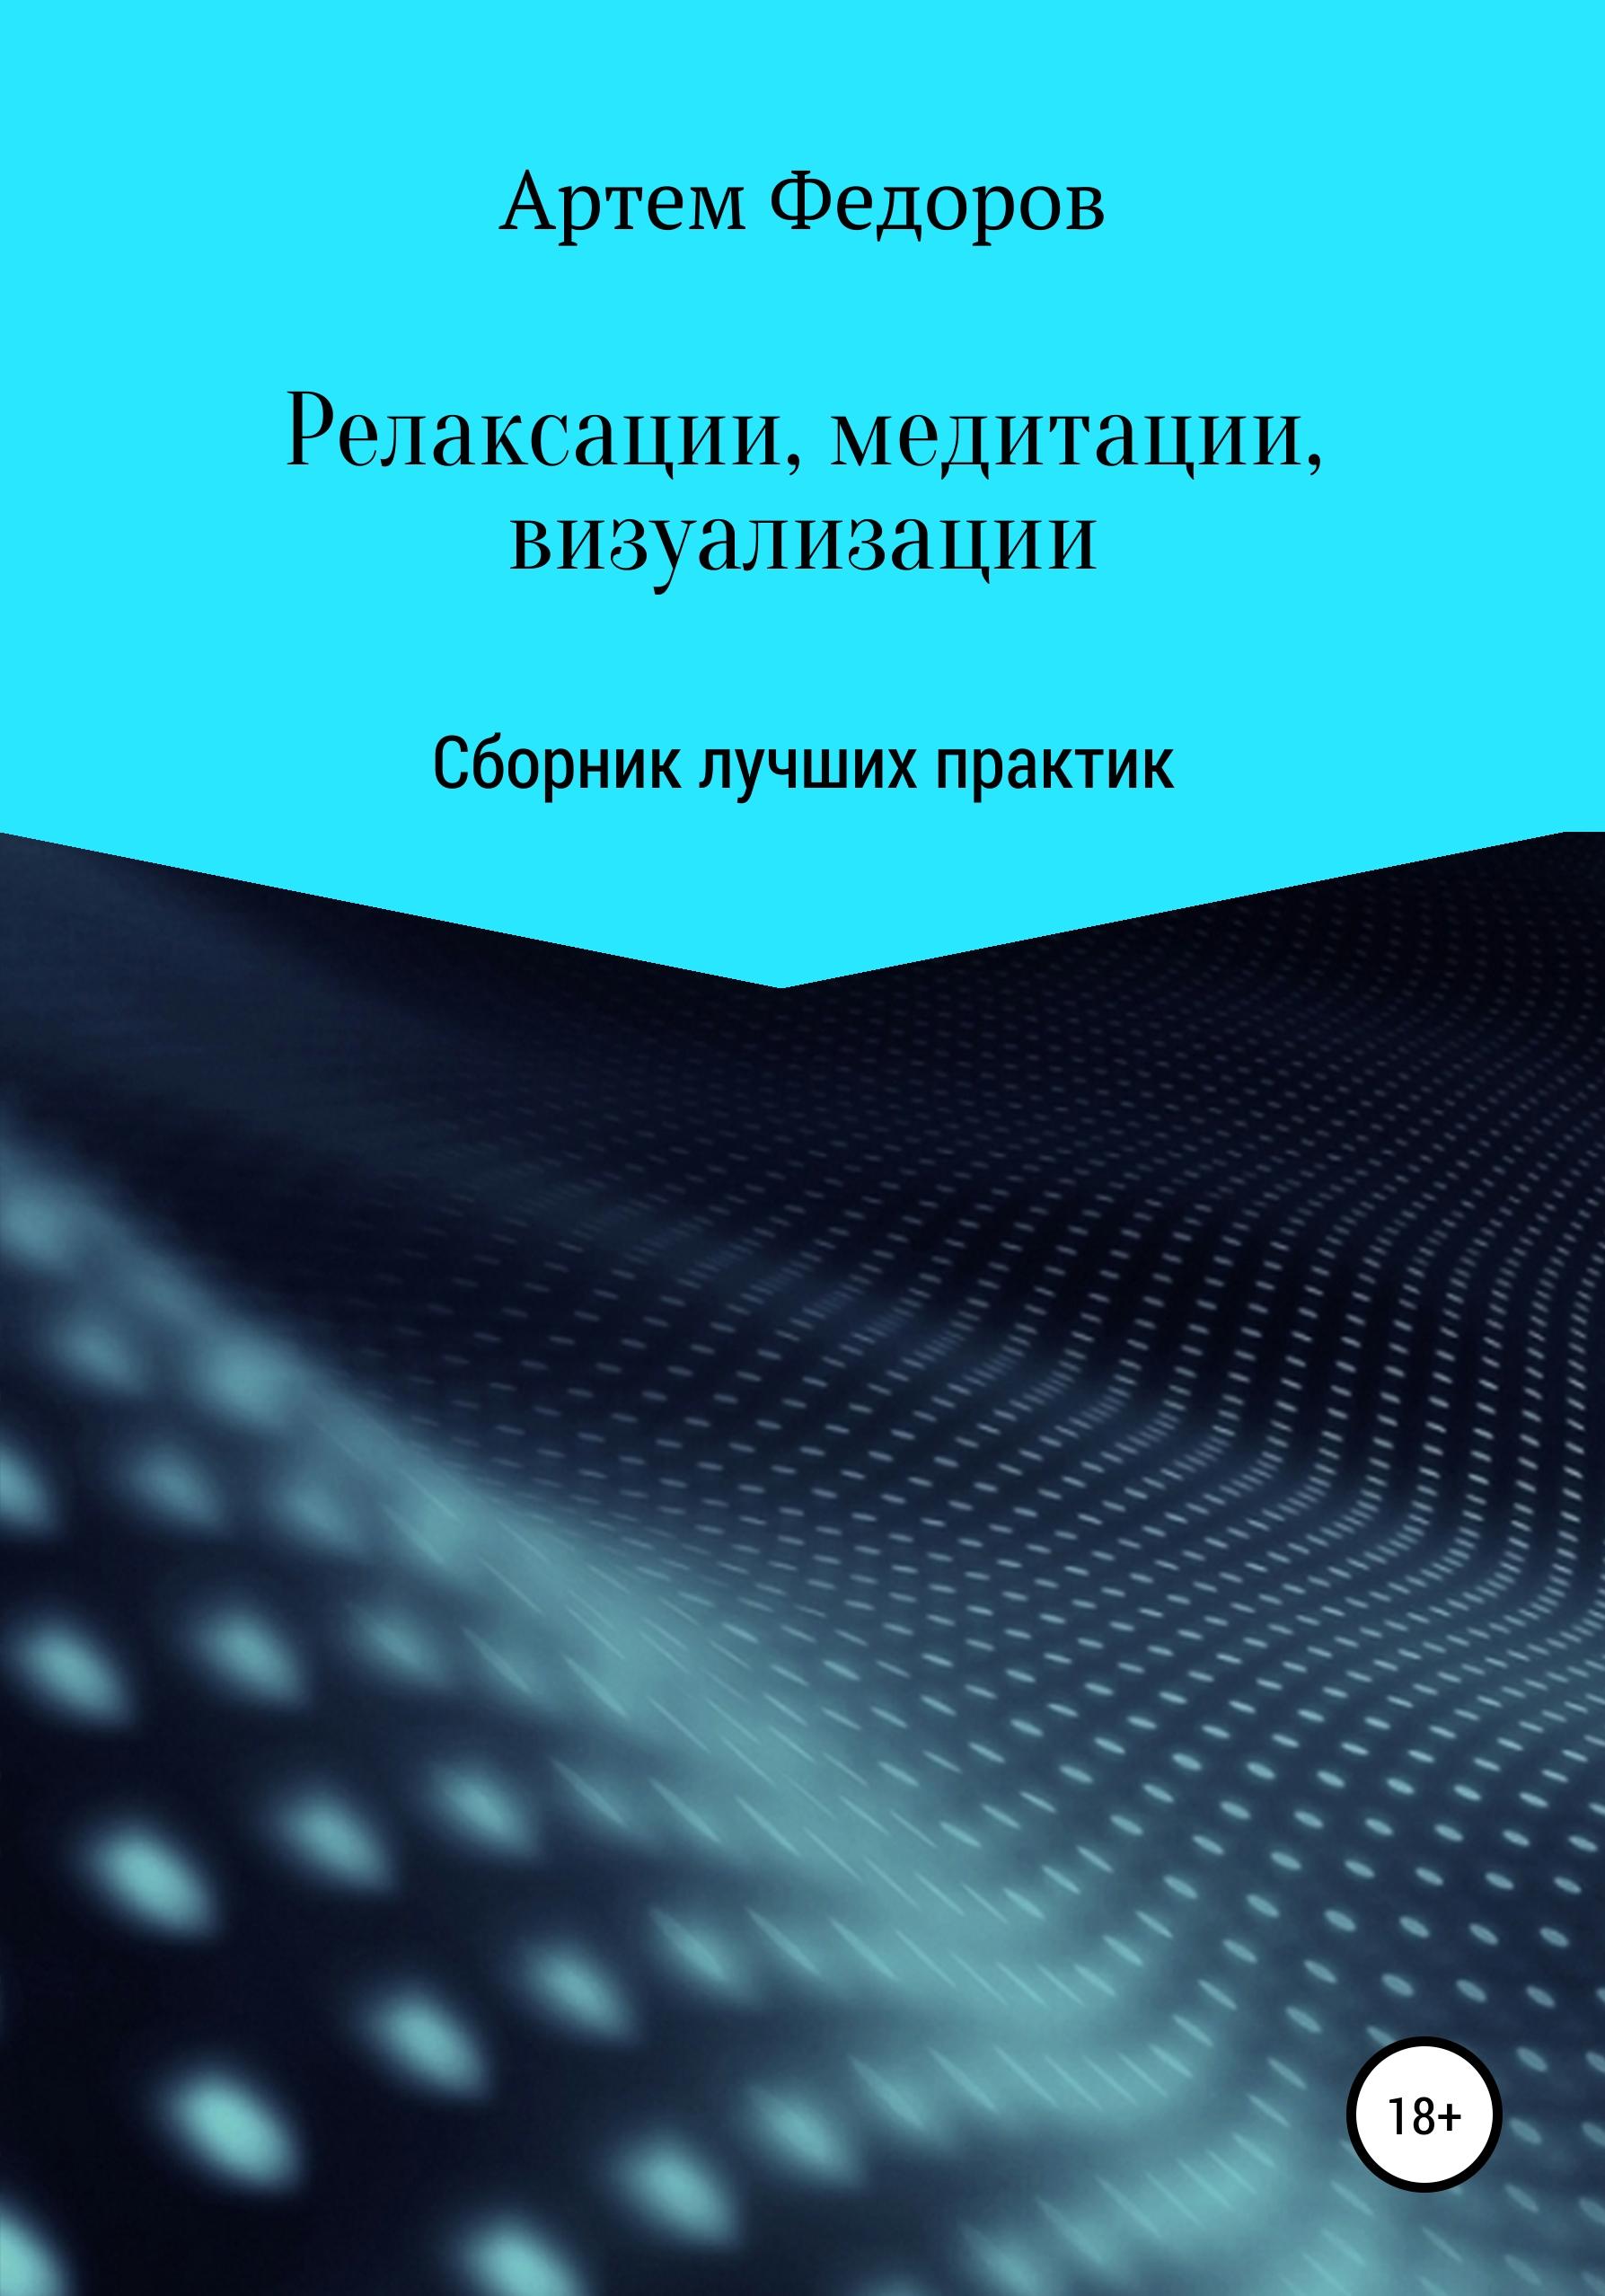 Купить книгу Релаксации, медитации и визуализации, автора Артема Ивановича Федорова